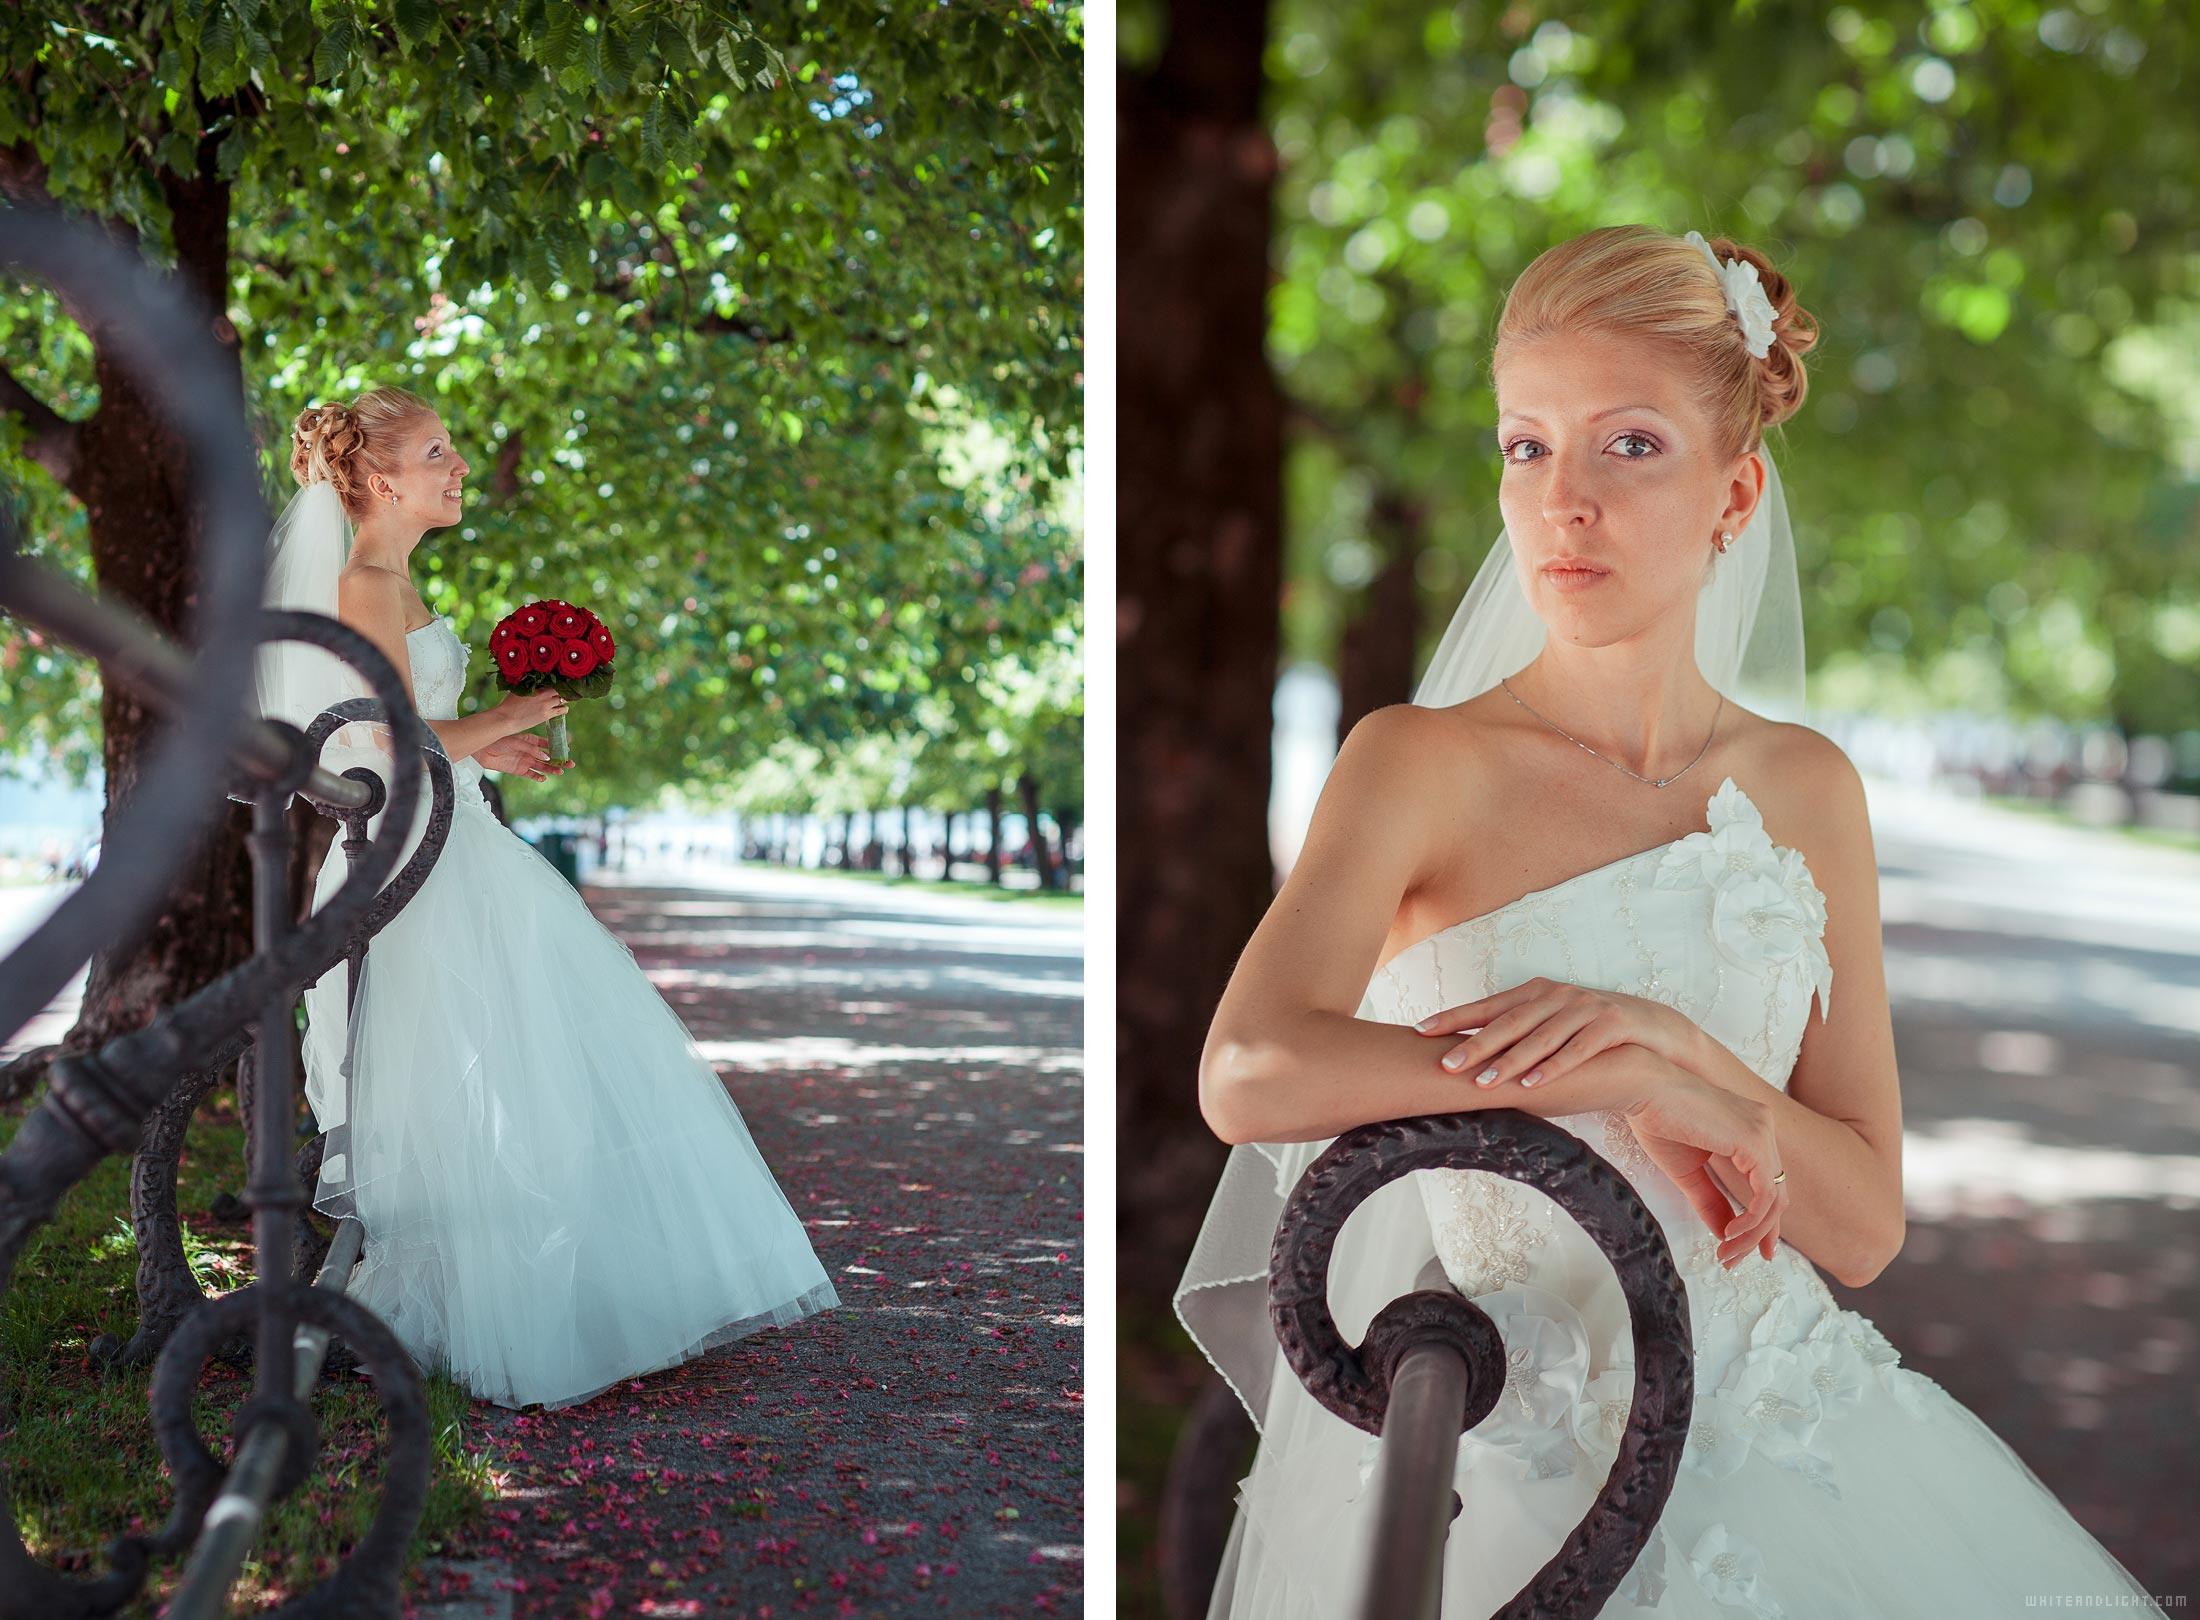 Wedding photographer Blog - weddingdecorations